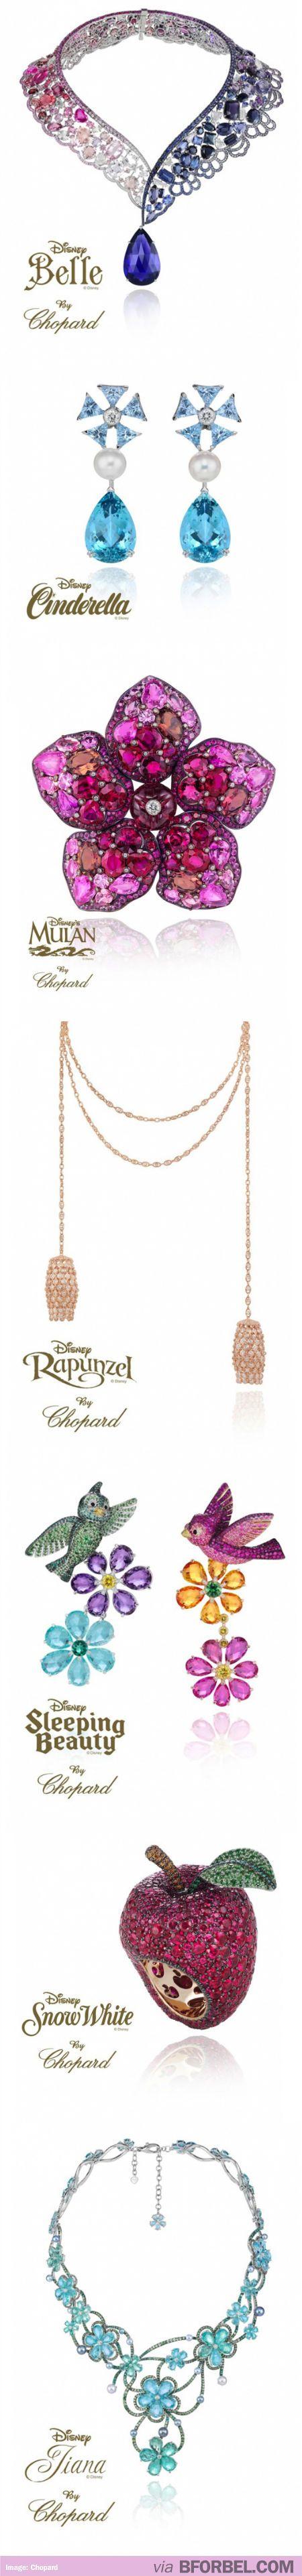 joias inspiradas nas Princesas Disney